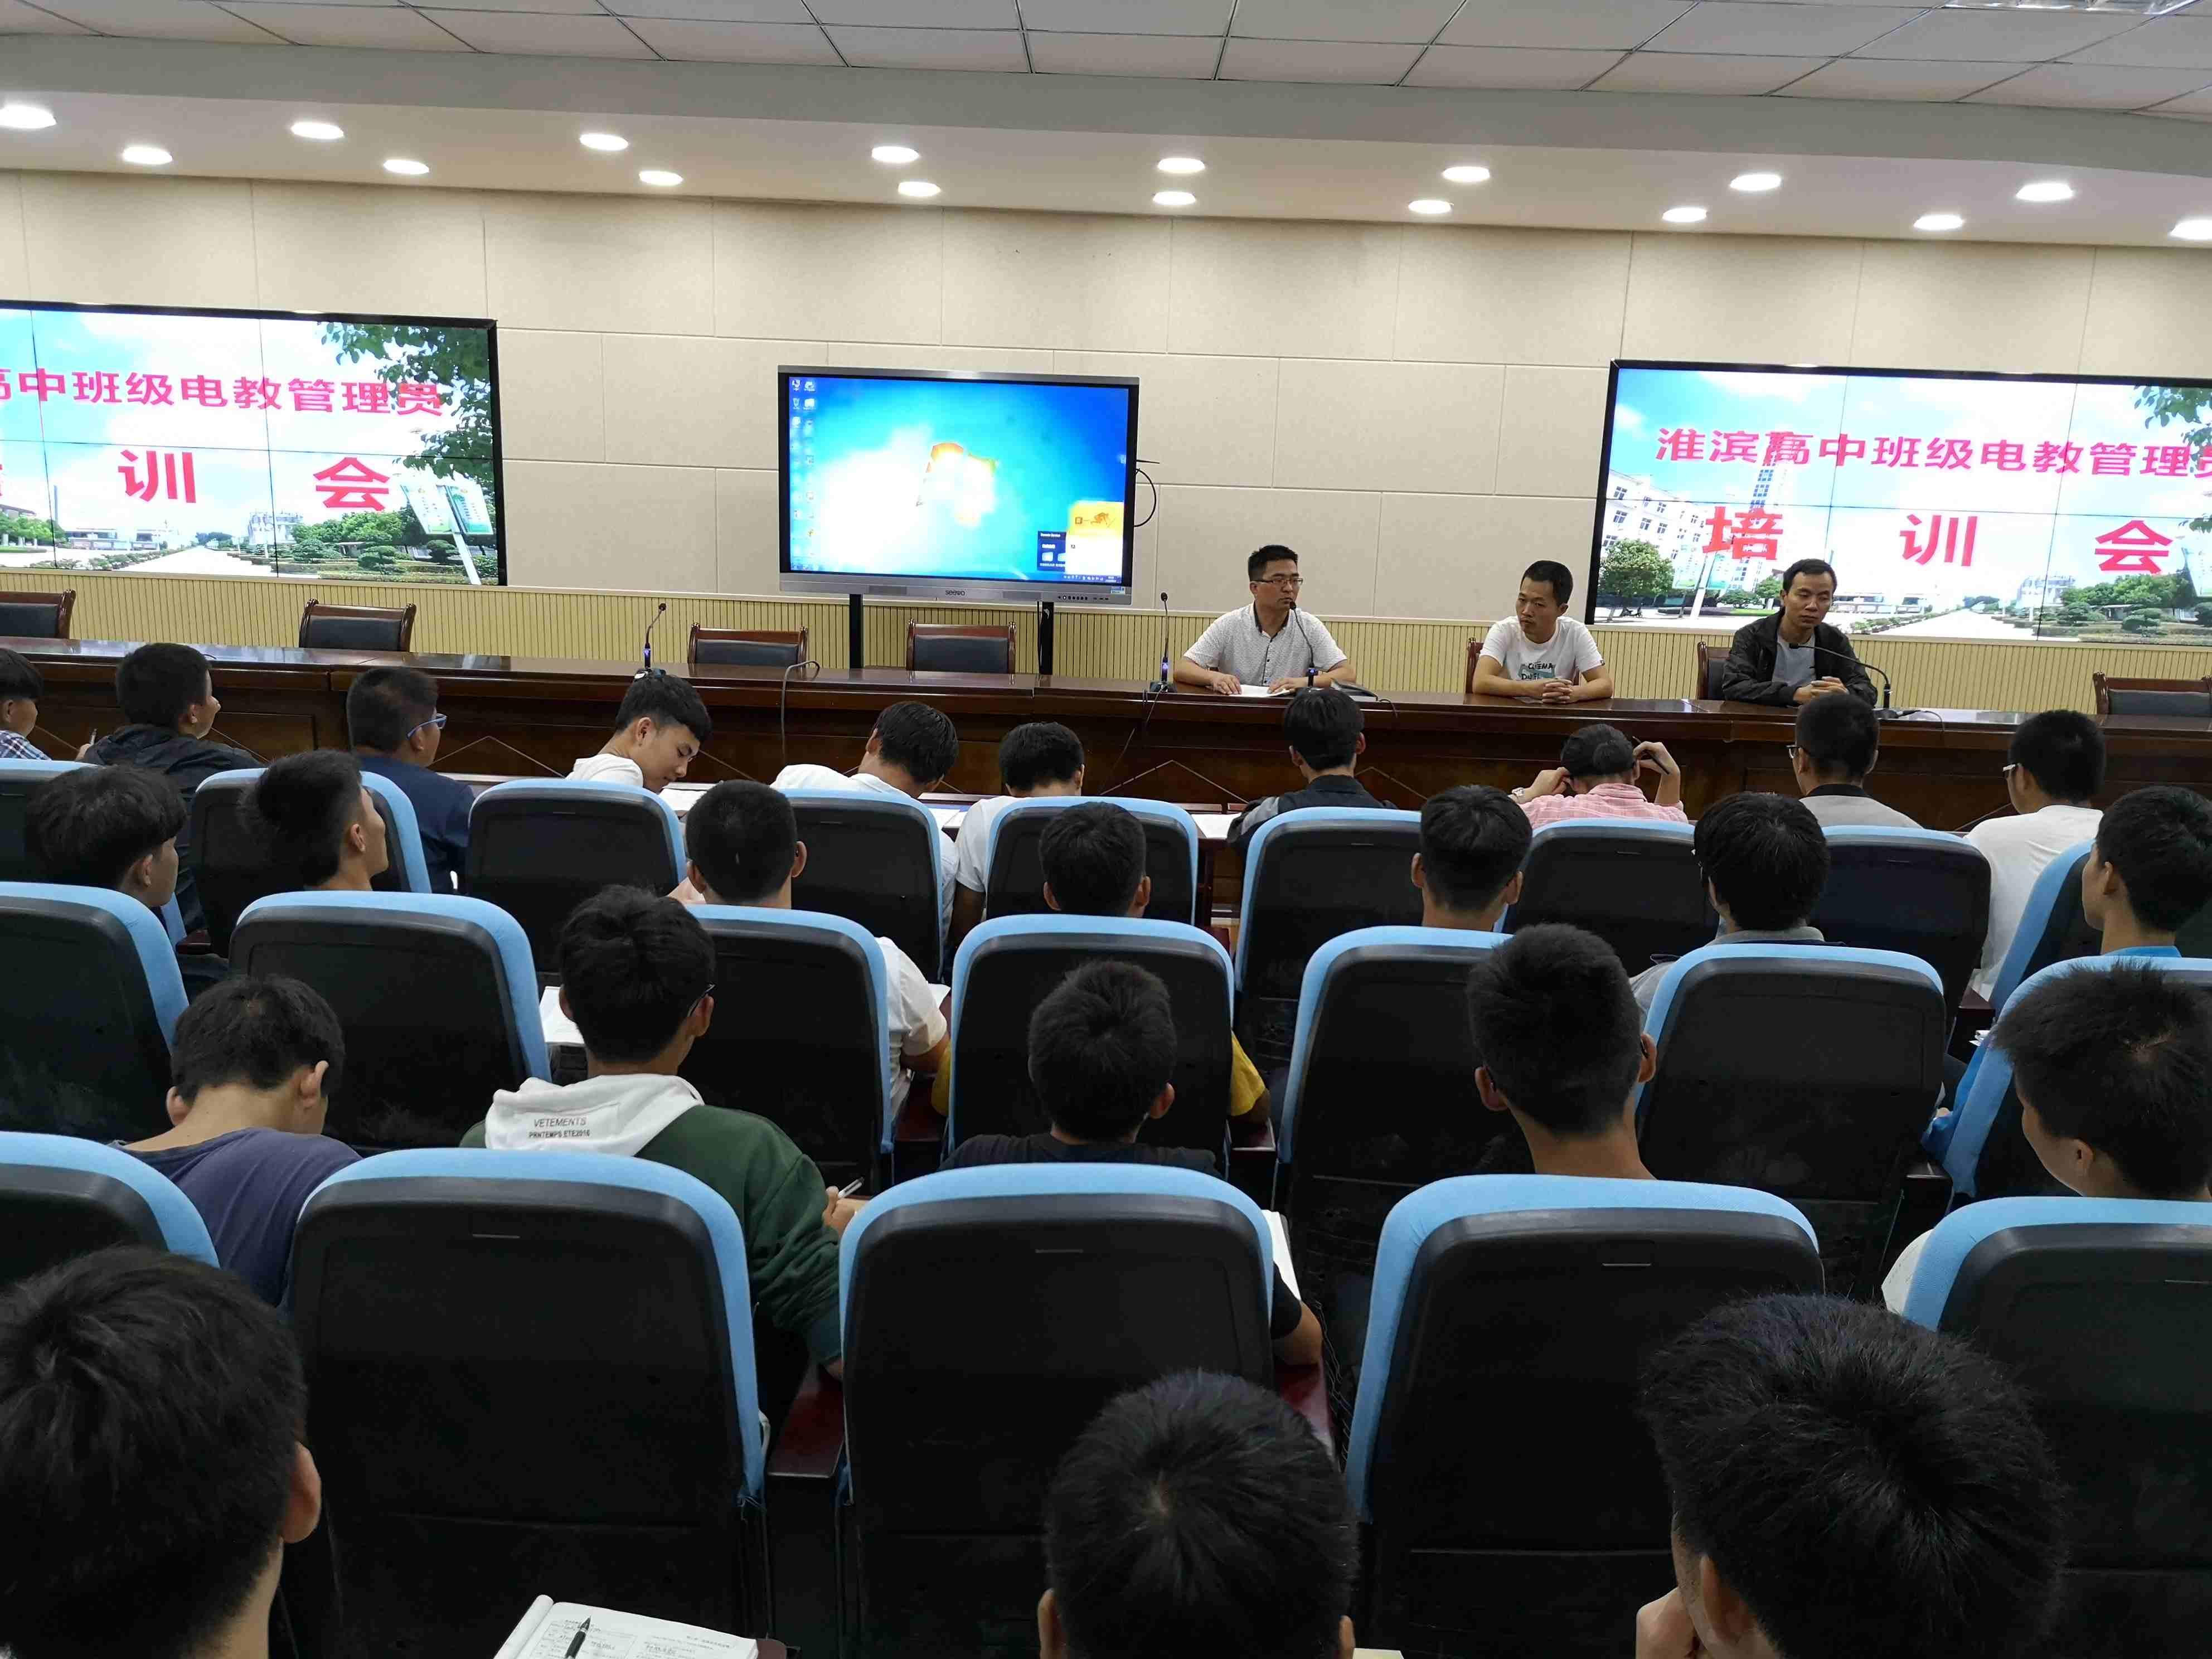 抓好信息技术培训  服务教育教学工作 --电教中心召开班级电教管理员会议